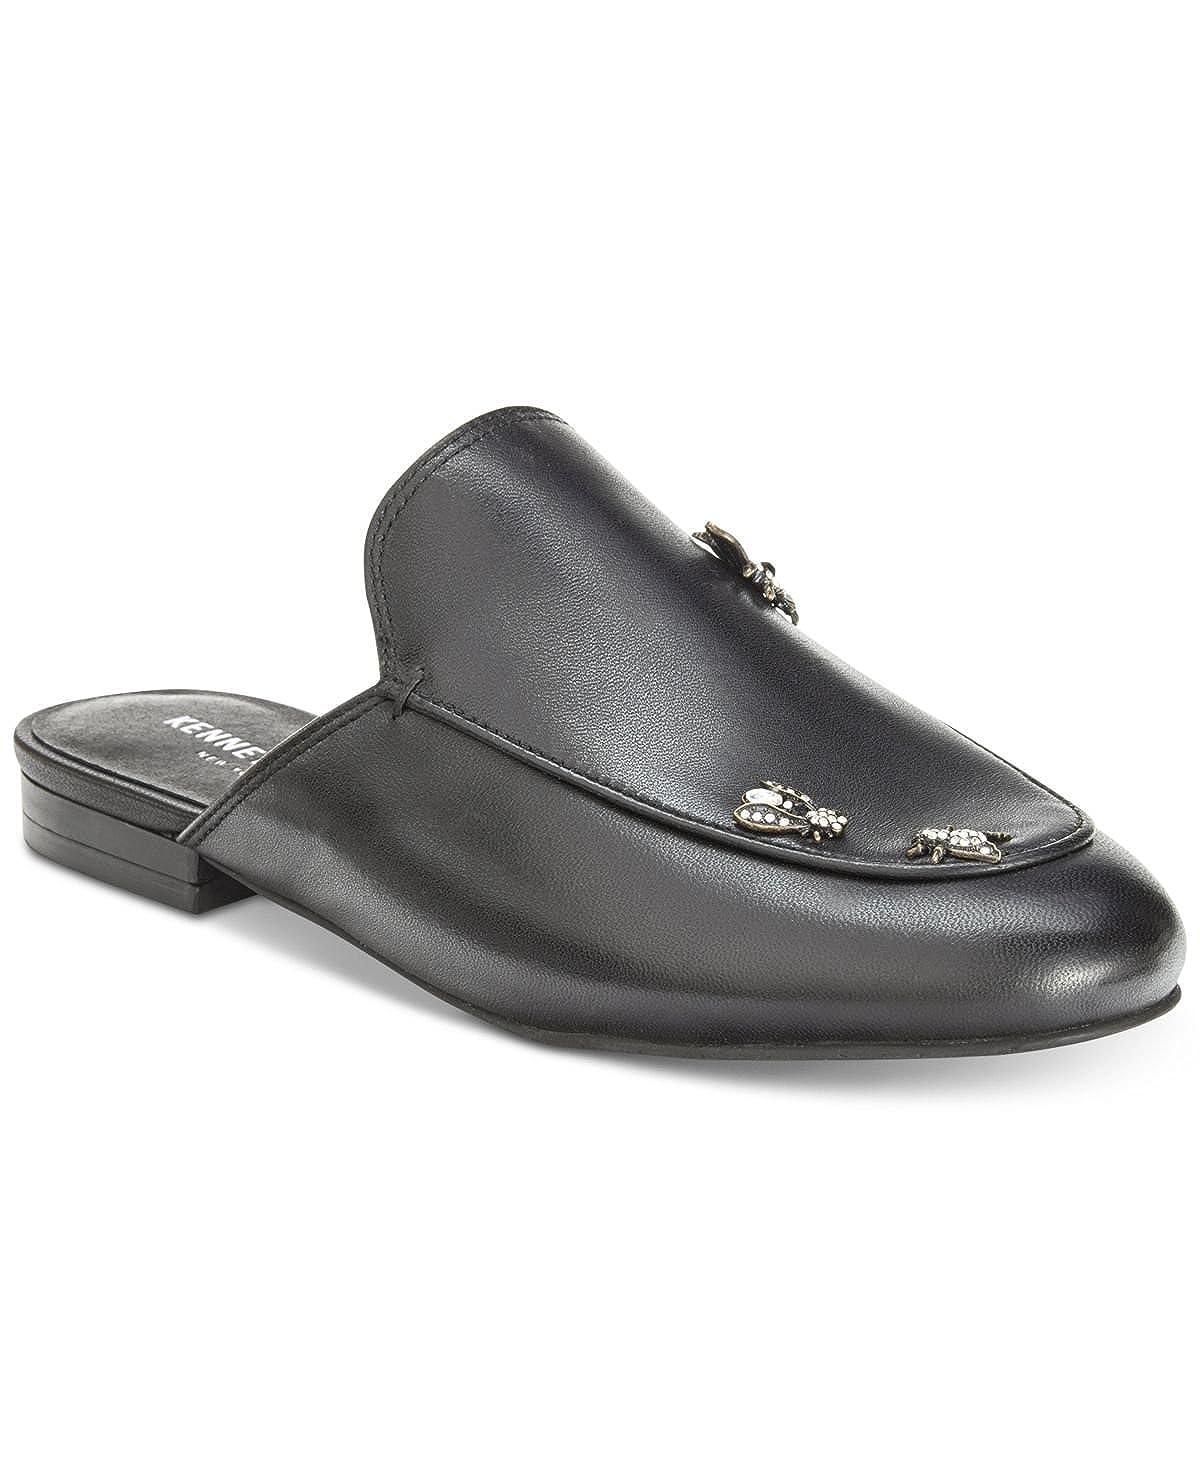 Black Kenneth Cole New York Womens Wallice Flat Slip on Mule Mule